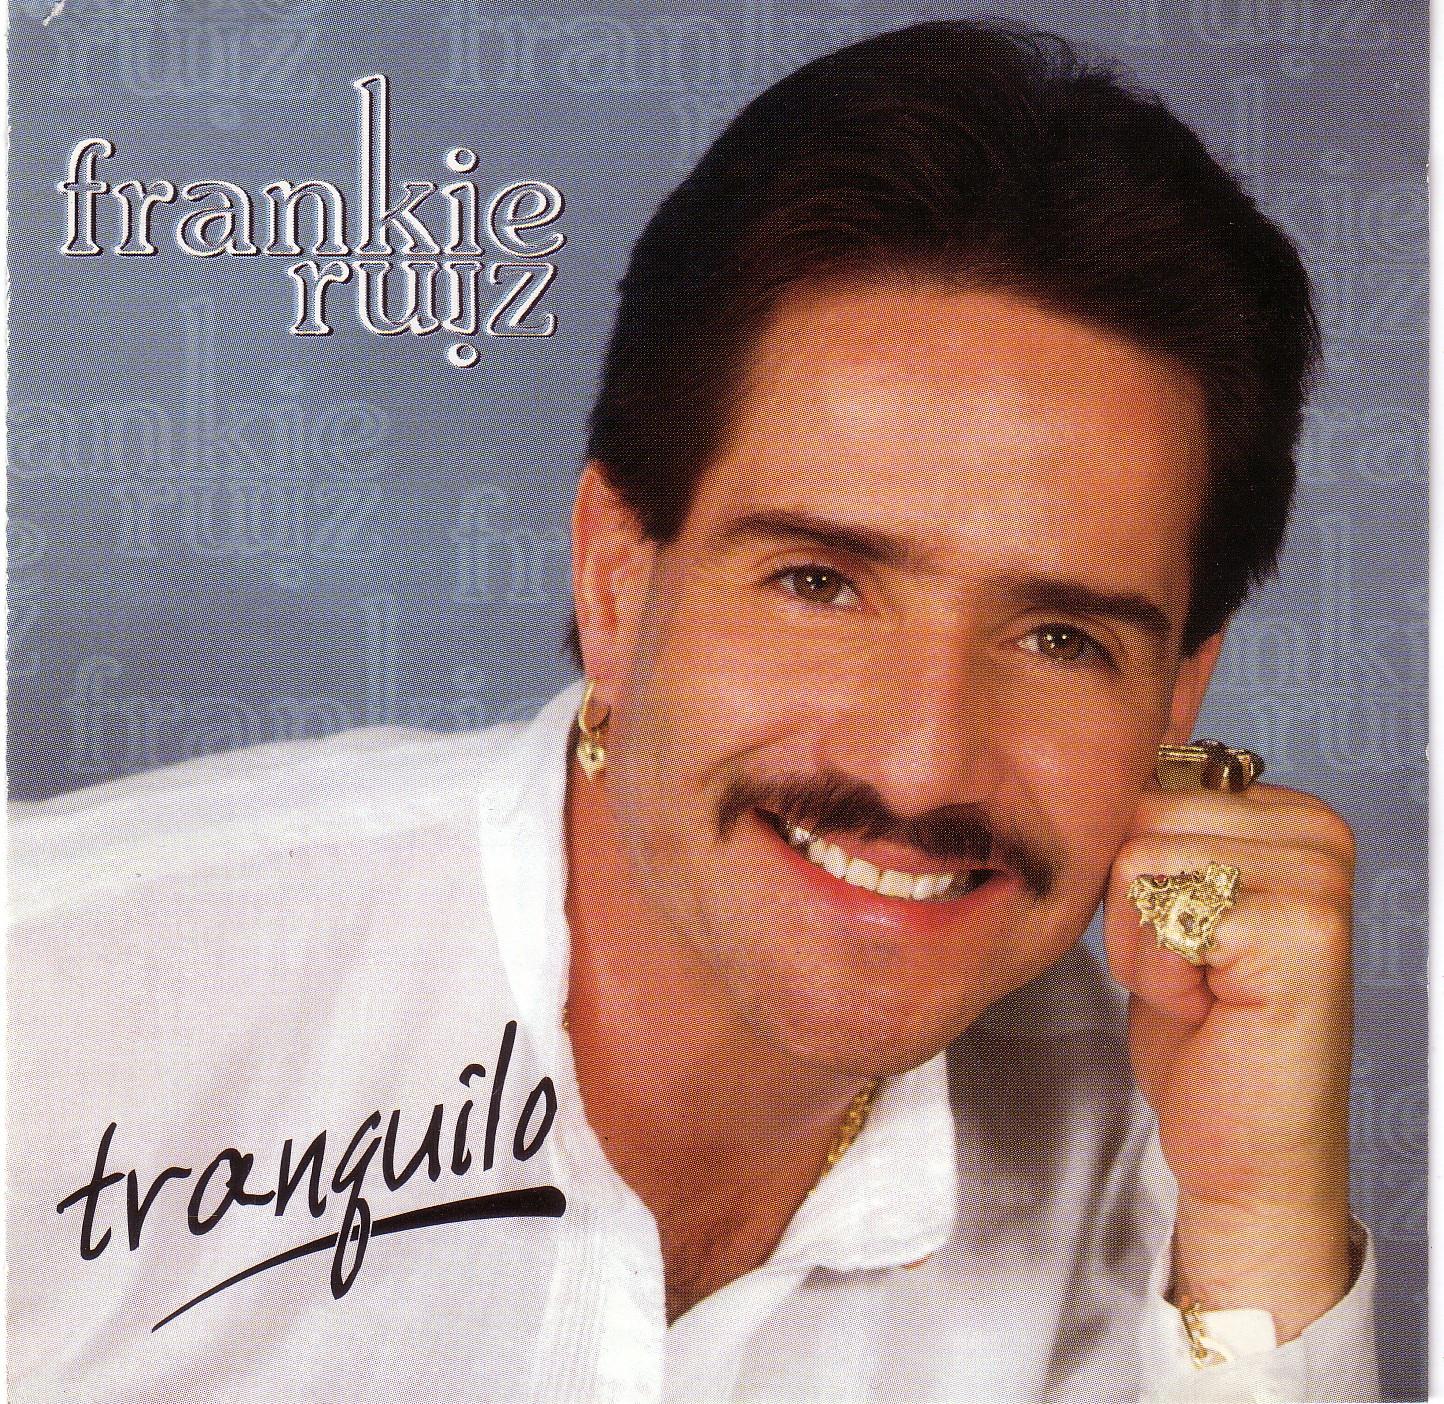 Franki Ruiz